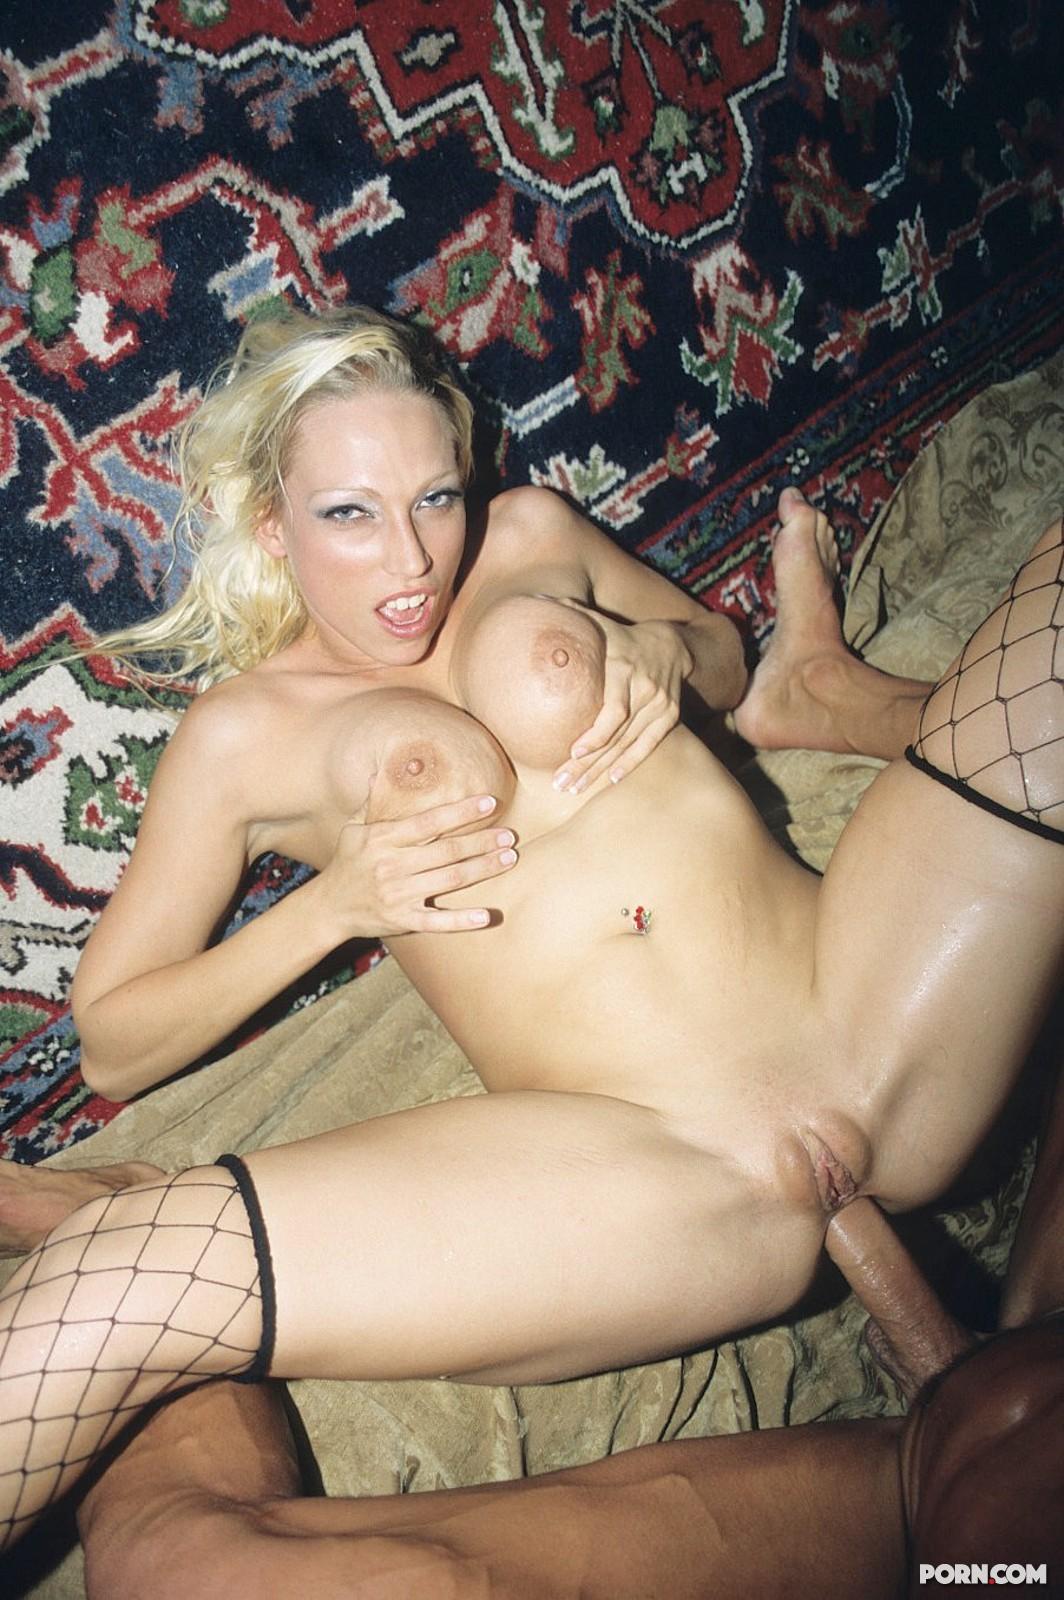 Растянутые дыры порно фото 14 фотография